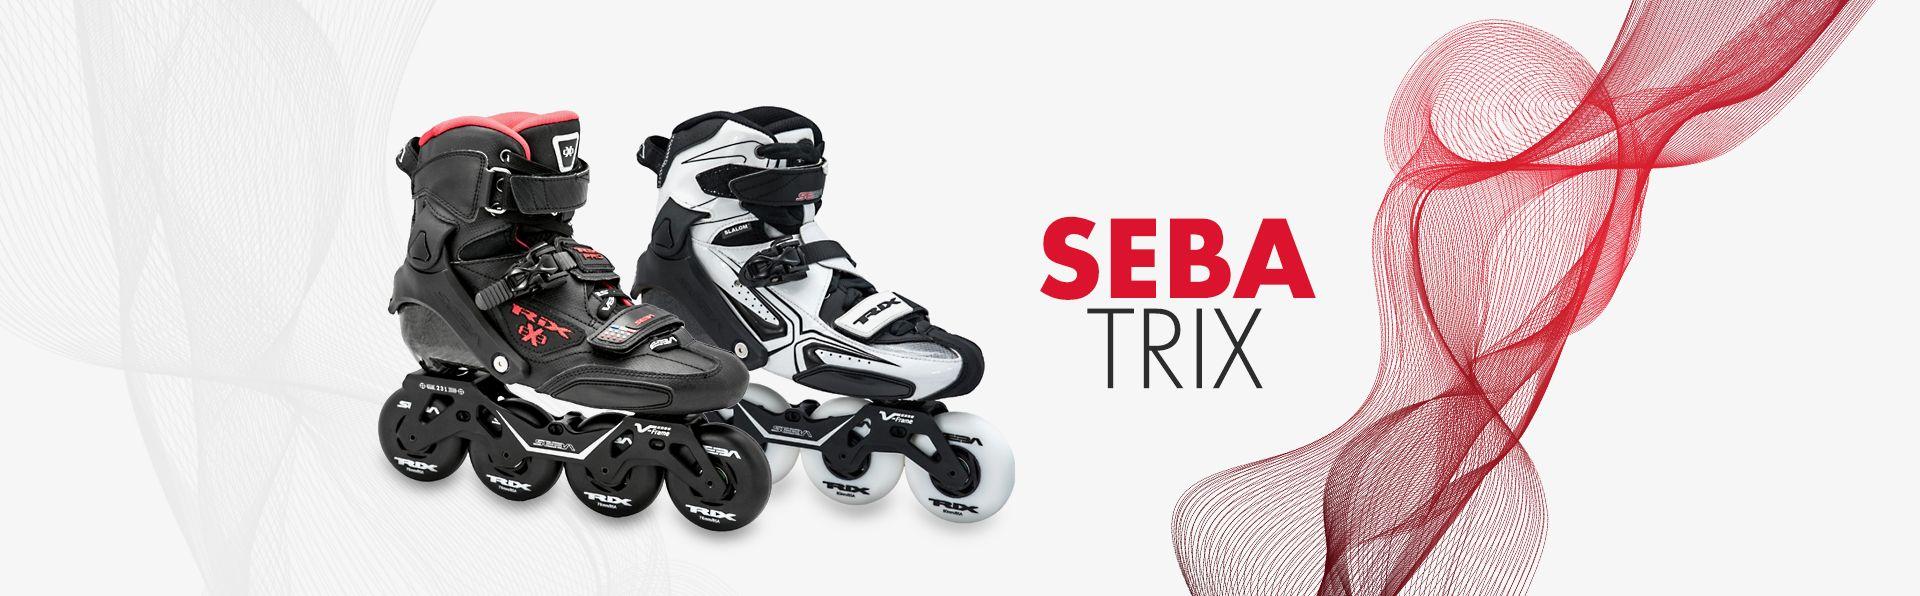 Seba - Trix